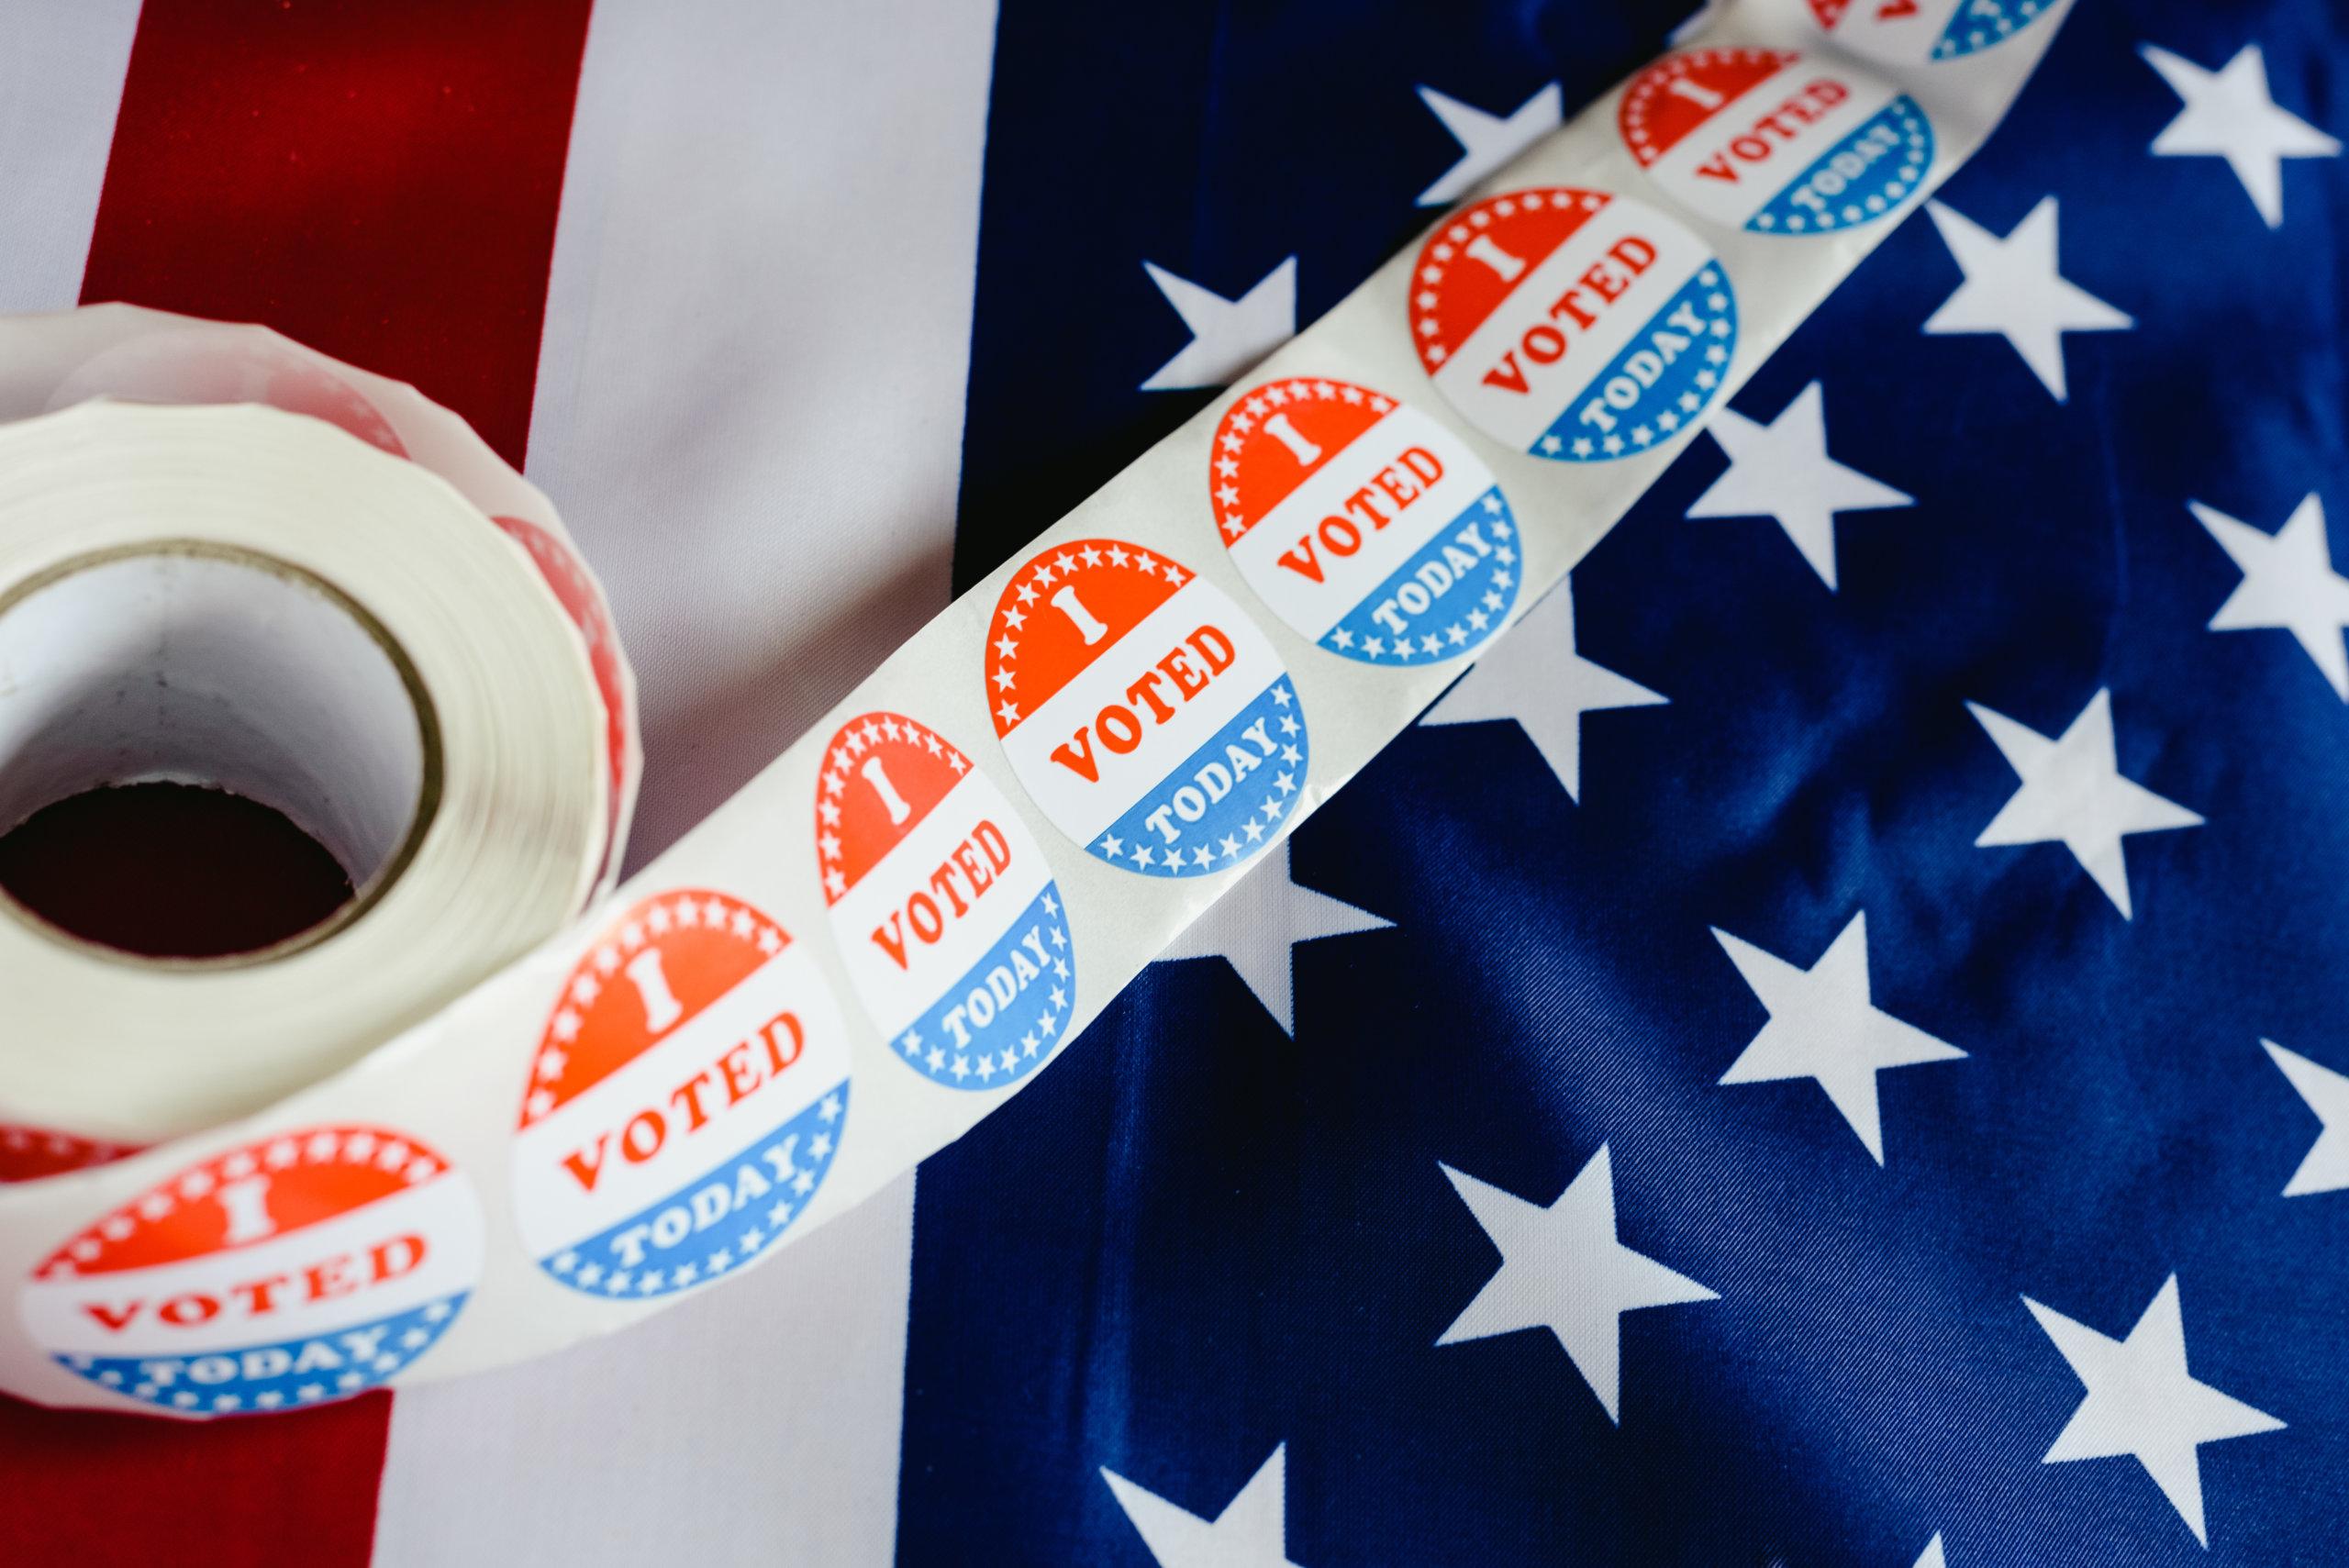 【アメリカ大統領選挙・2020】バイデン氏の不正選挙発覚か!?年内に決着が着かない可能性!?